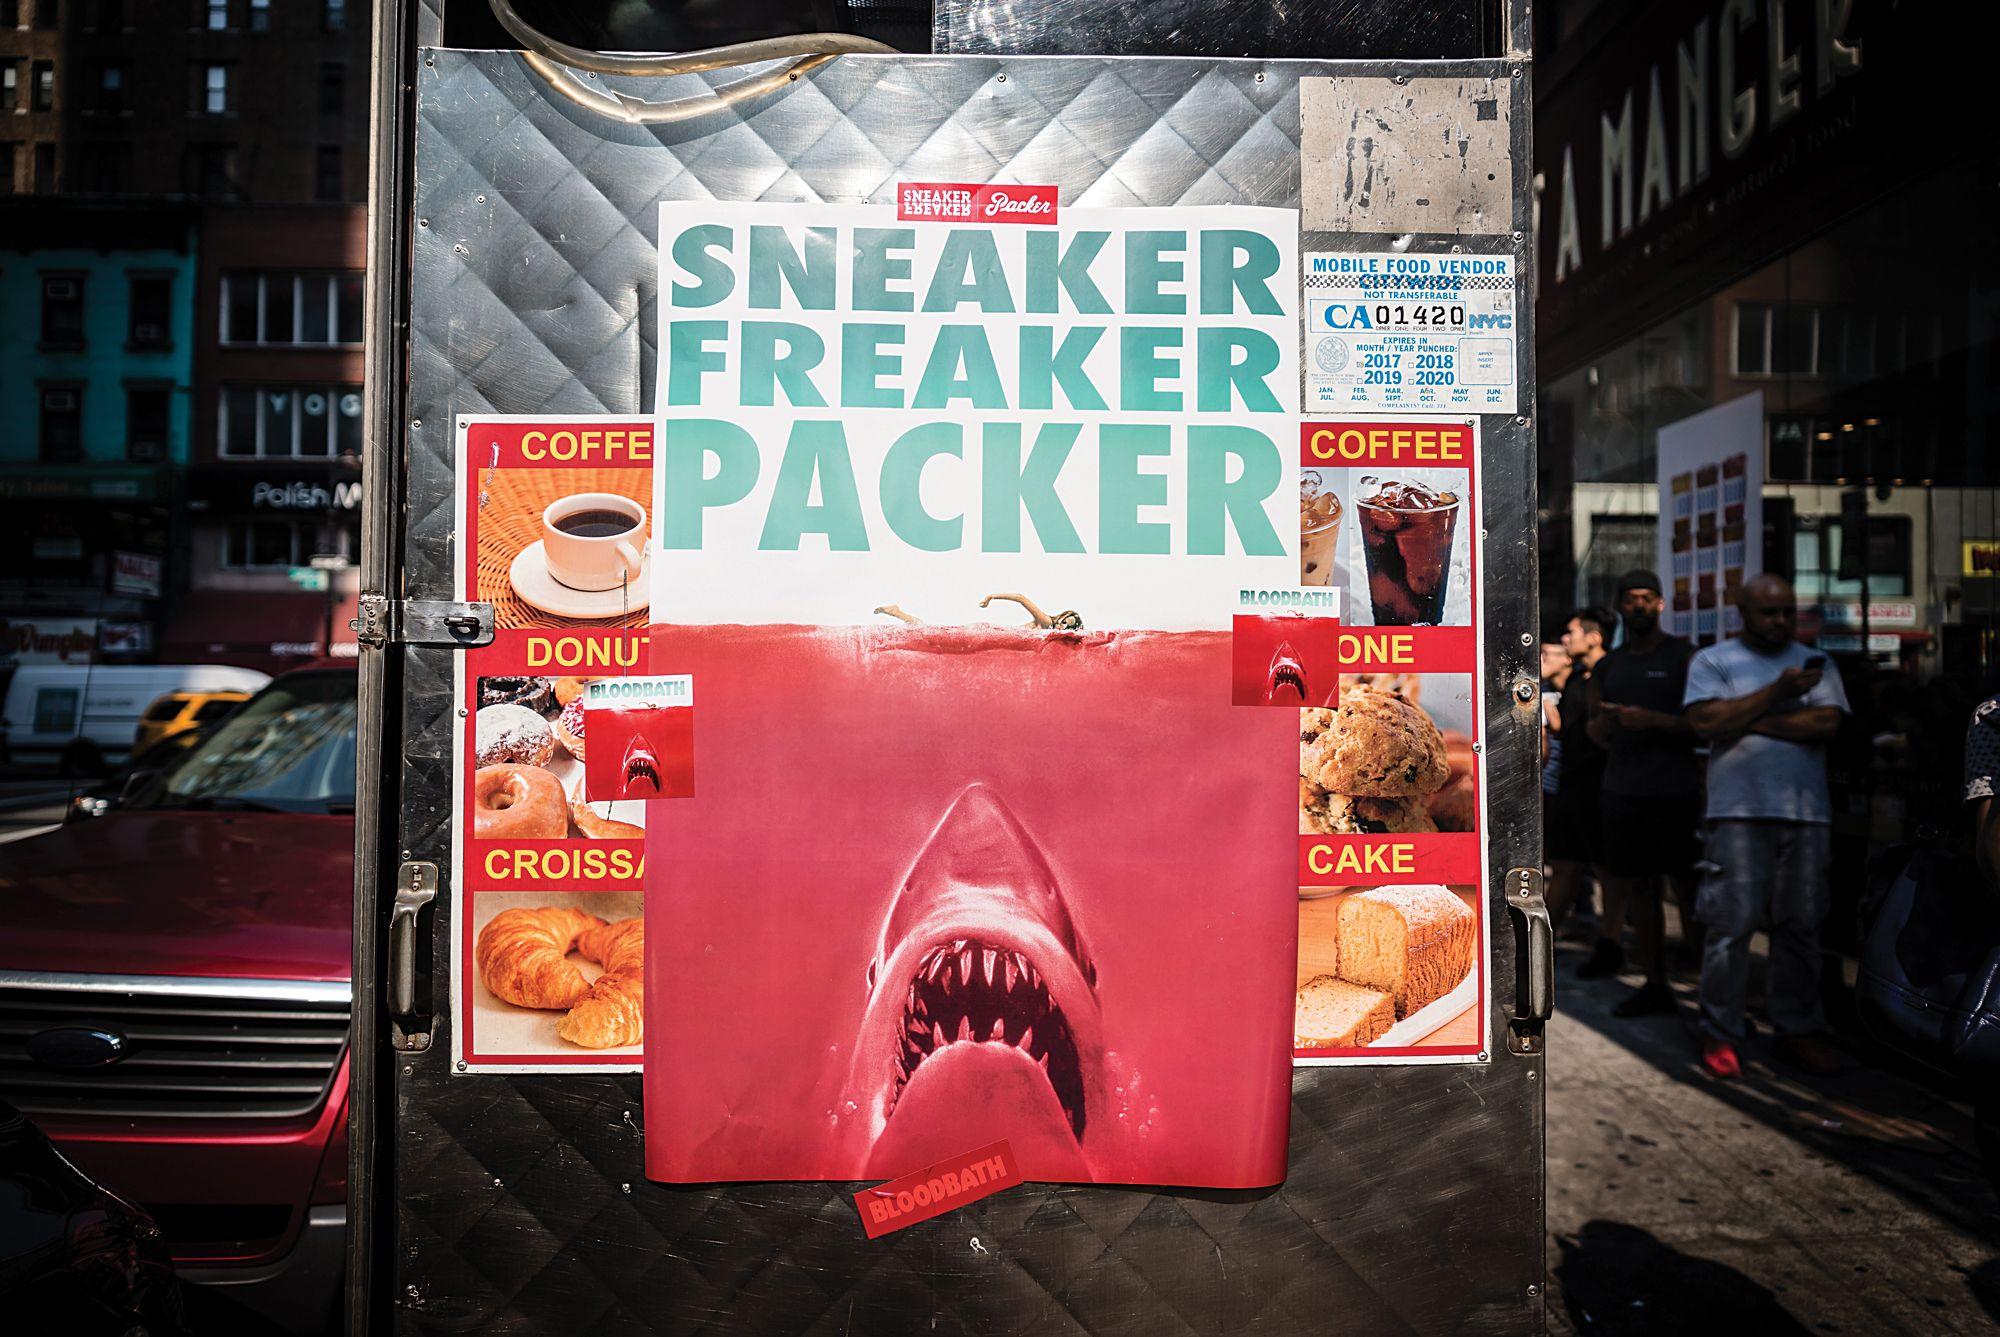 Sneaker Freaker x Packer x PUMA 'Bloodbath' launch in New York